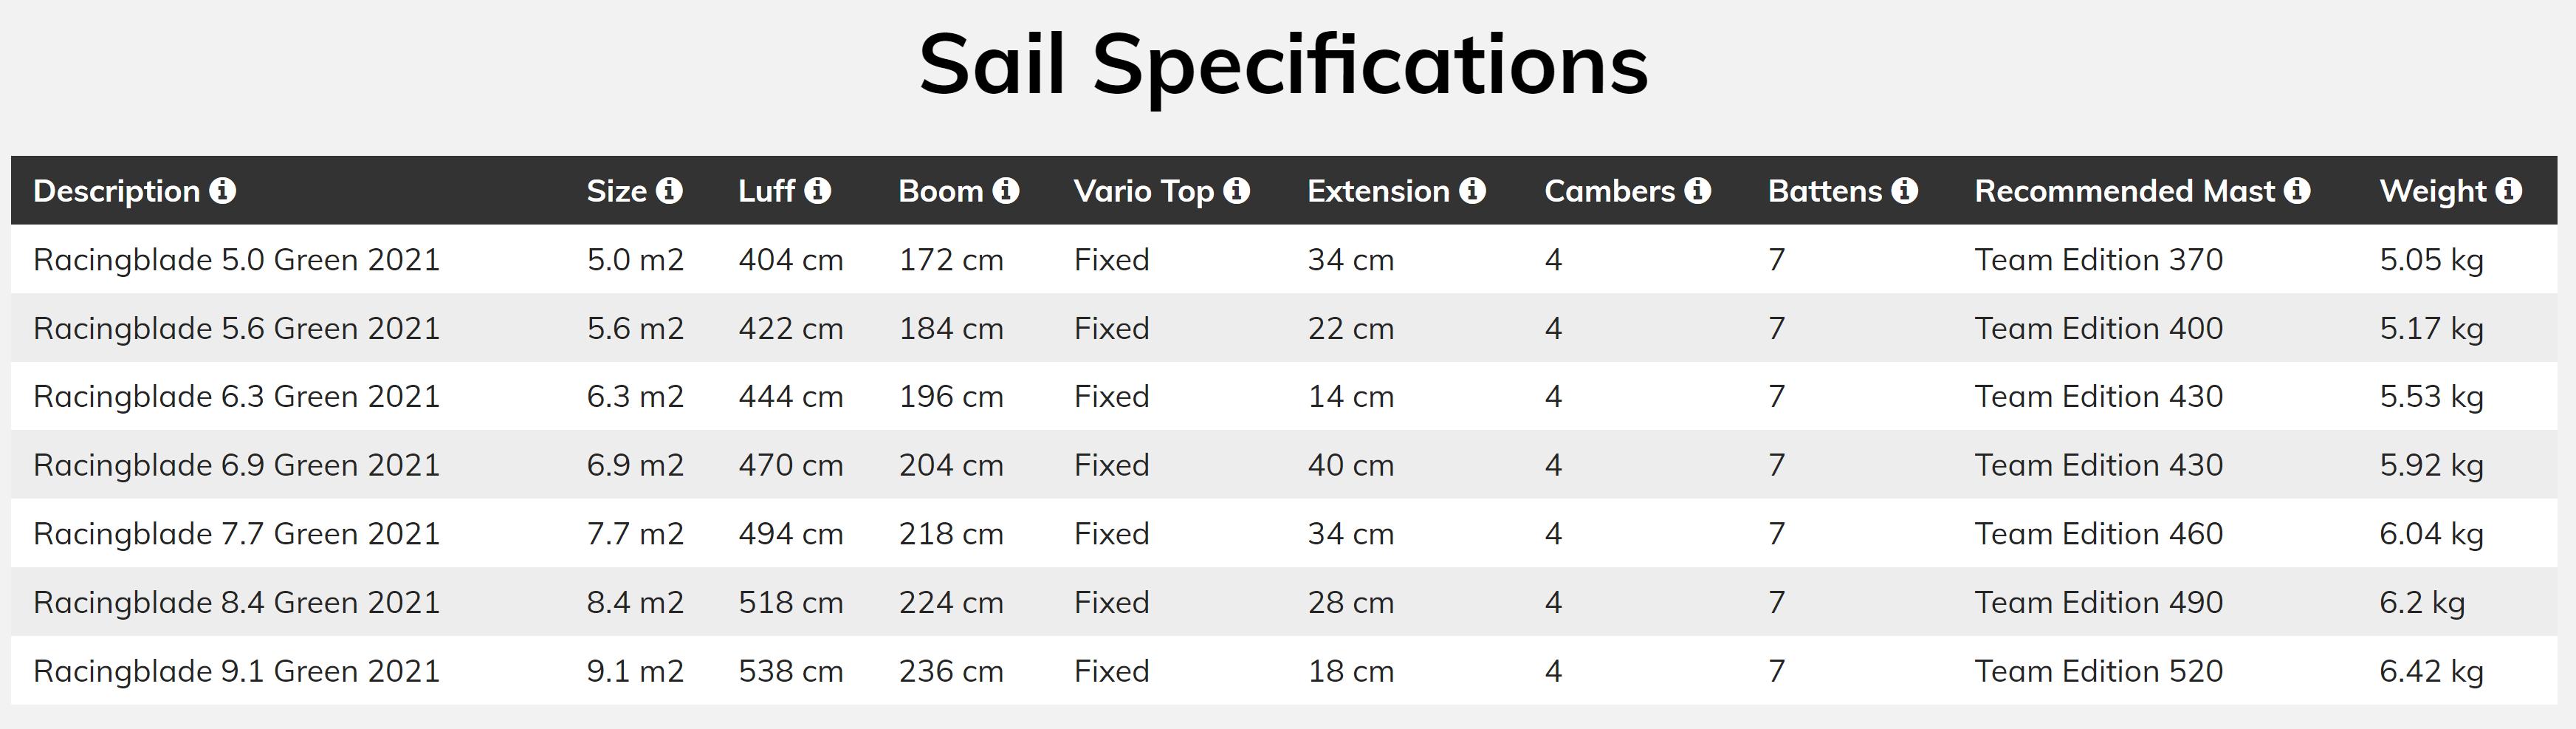 Loftsail Racingblade 2021 - Sail Specifications